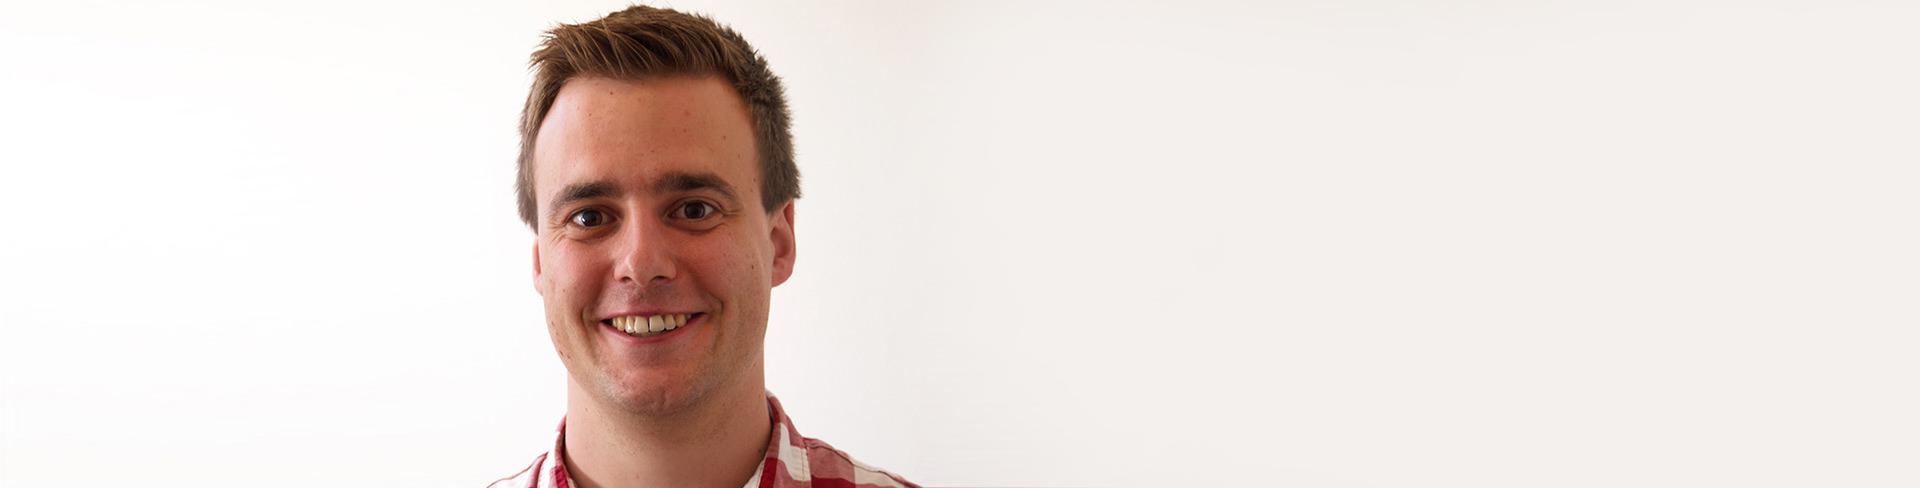 Dokter algemene geneeskunde Tim Decraecke - Zwalm - Zottegem